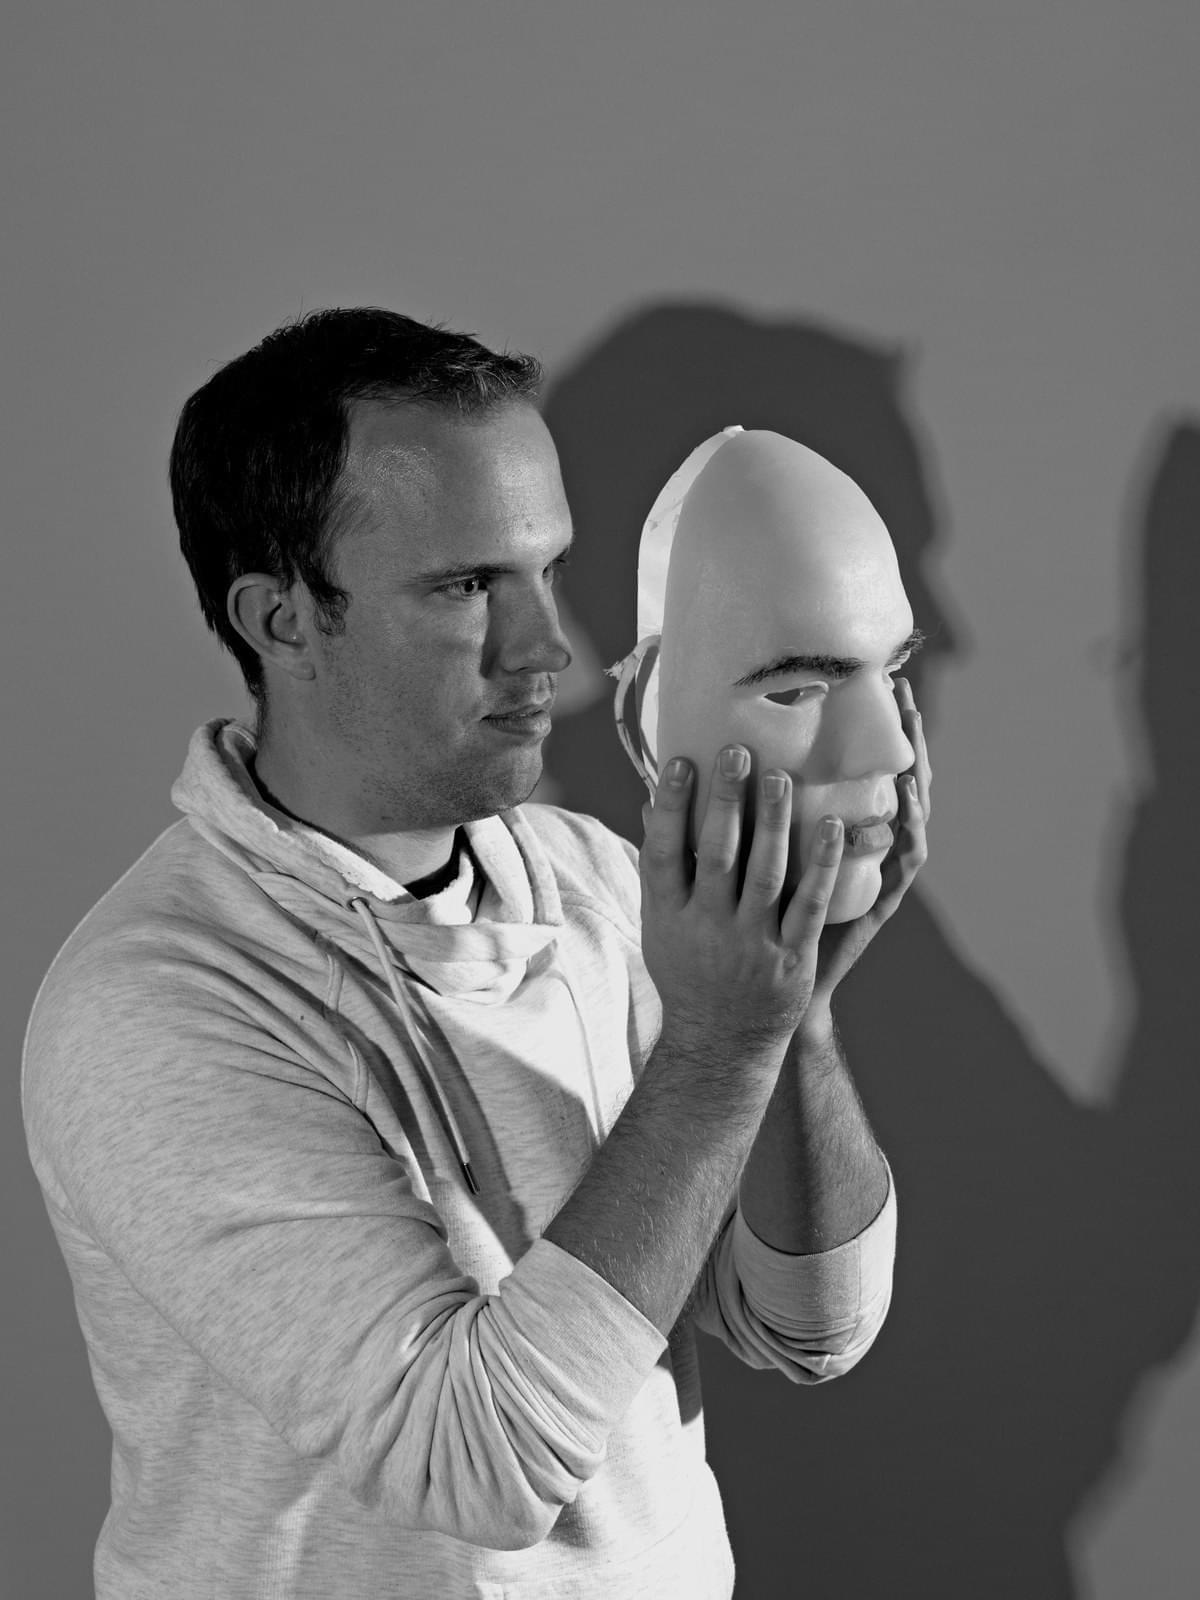 为破解FaceID有人花数千美元做面具,结果失败了